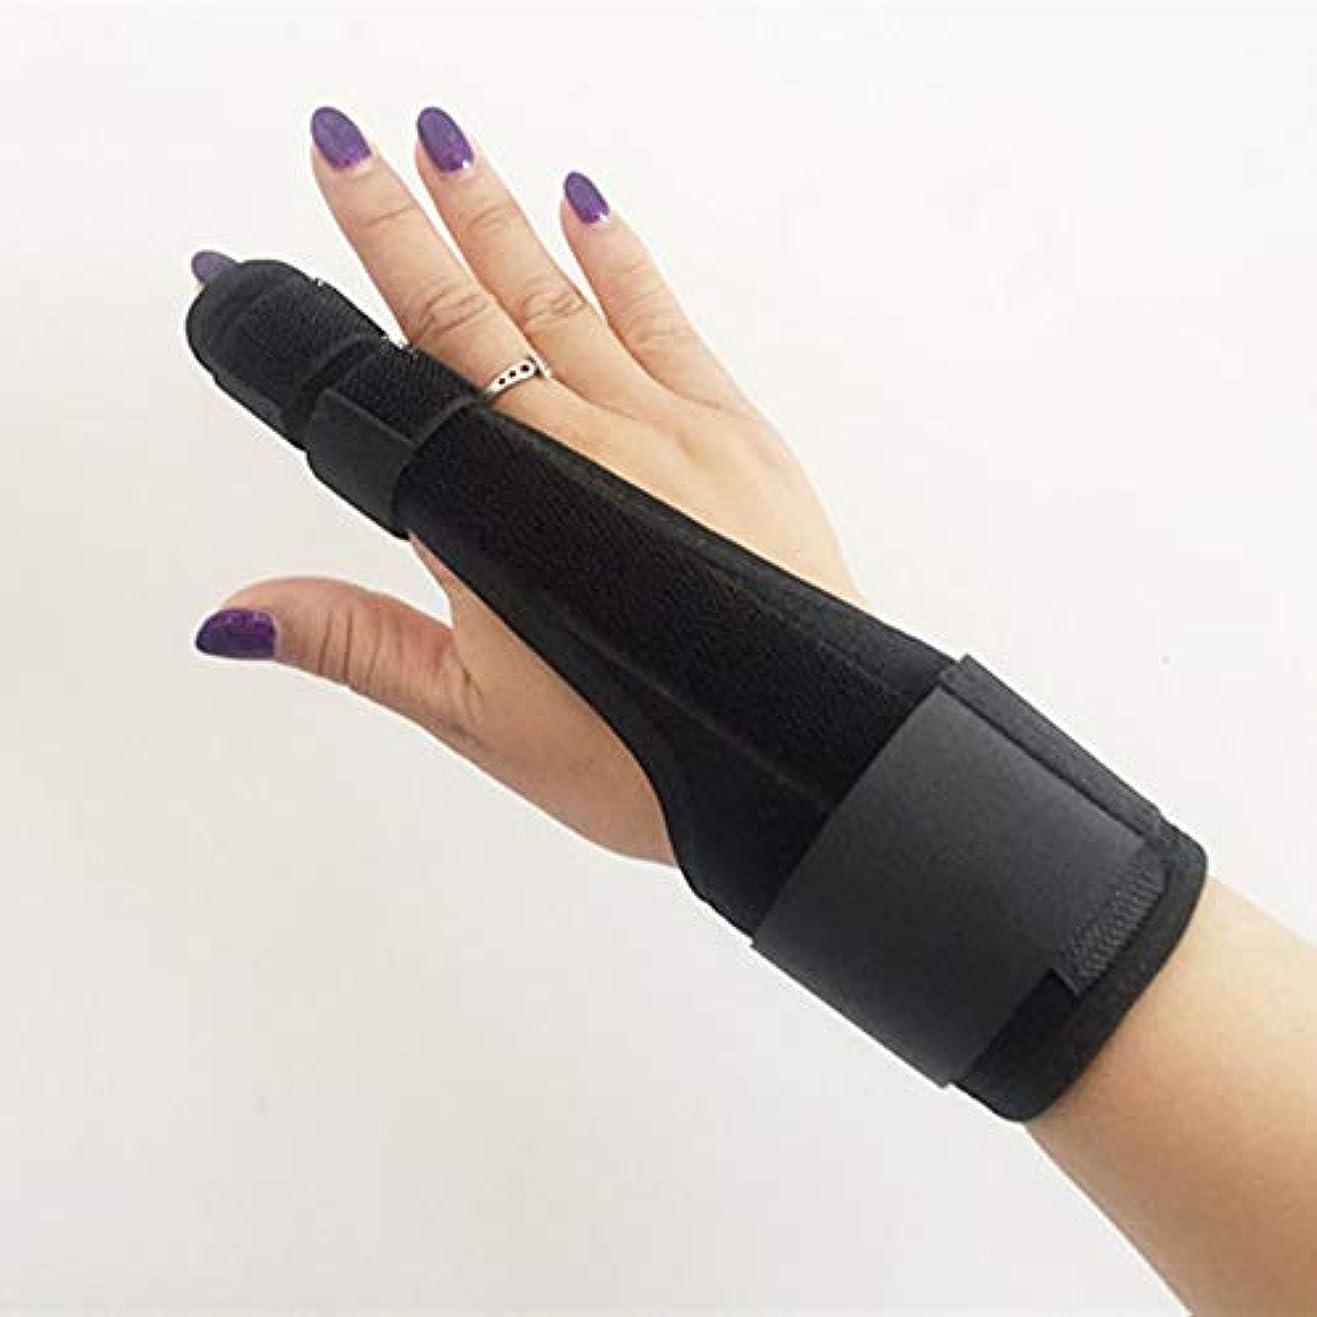 アジアスーツケース商標ZYL-YL 保護スリーブシースシース保護ギヤとプレート指指人差し指捻挫介護支援中手骨折固定指のスプリント (Edition : Right)